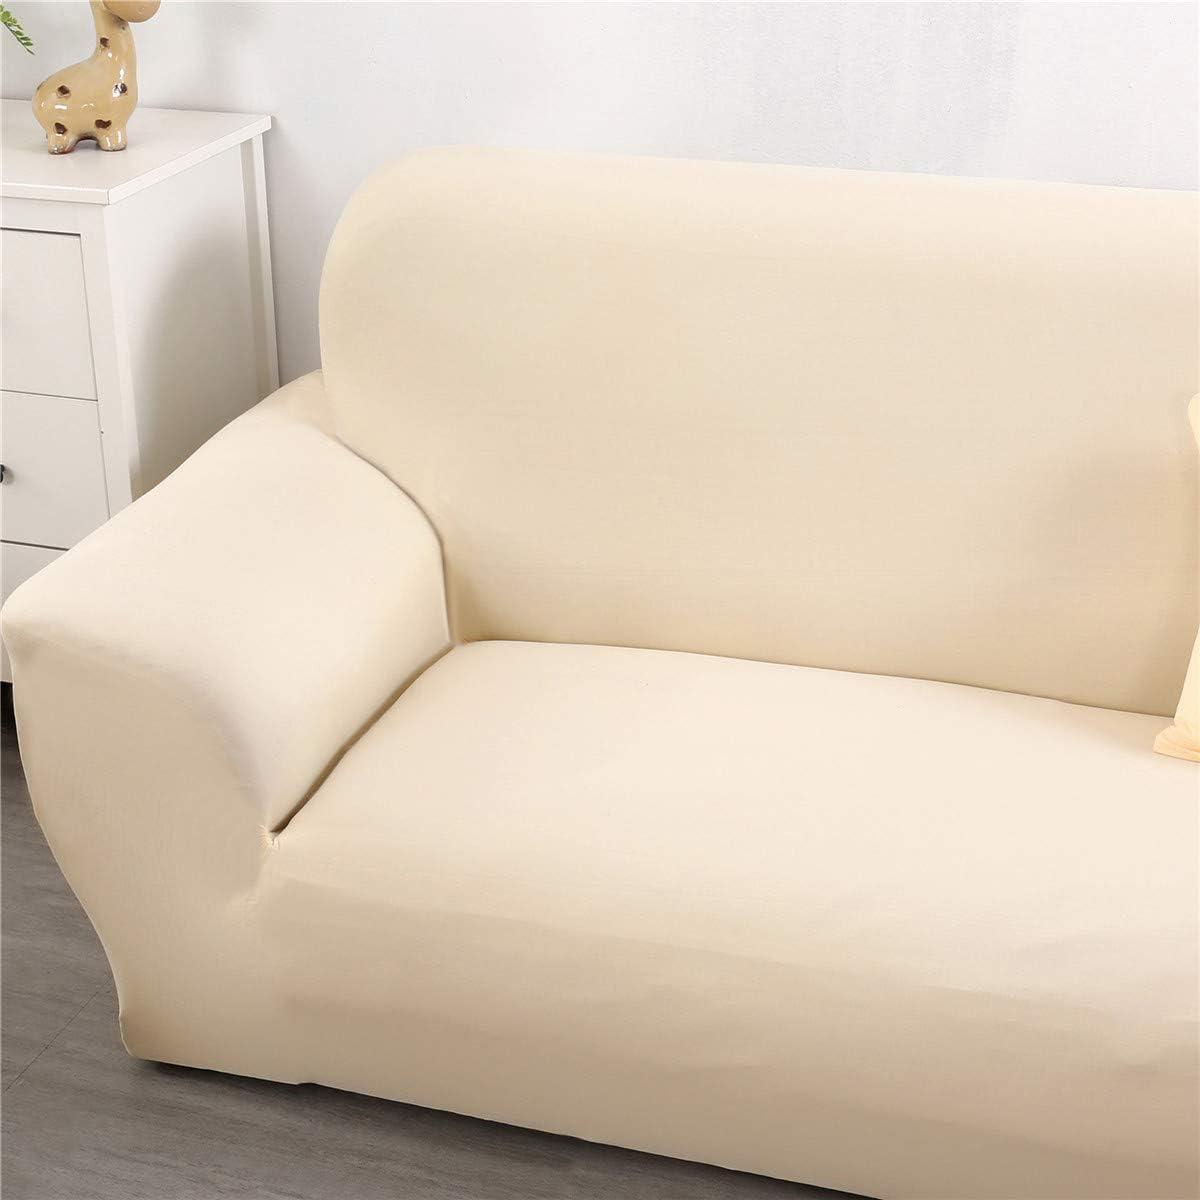 Housses de Canap/é Imprim/é Extensible 1 Place,Beige Morbuy Couleur Unie Jacquard Rev/êtement de Canap/é avec accoudoirs Sofa Elastique Couverture Protecteur Fauteuil